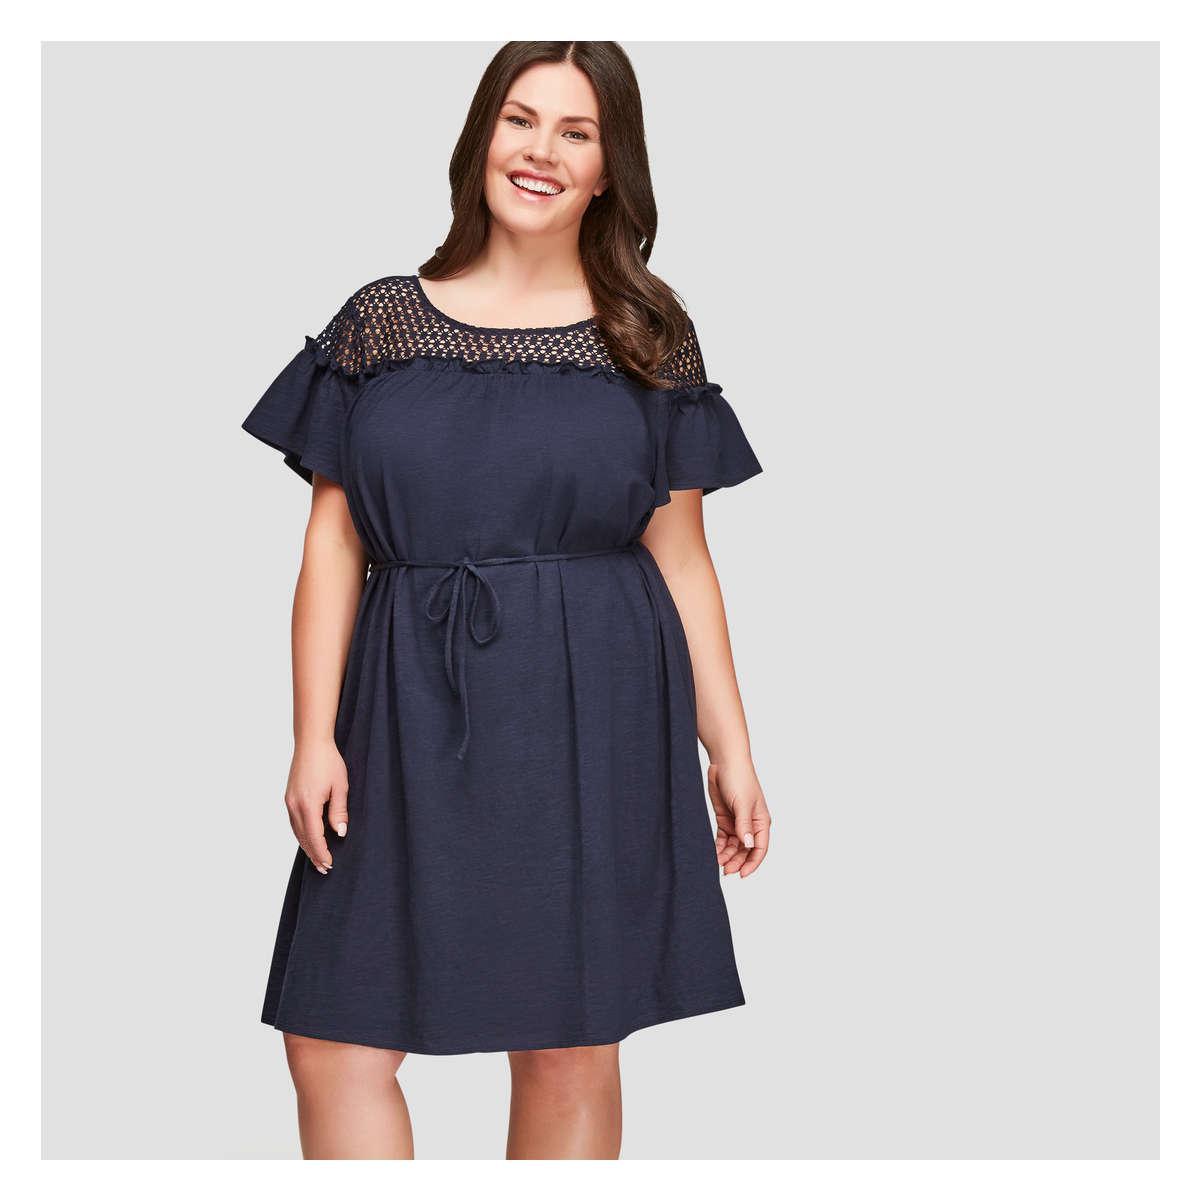 edafd1f55a Joe Fresh Women+ Lace Yoke Short Sleeve Dress in Blue - Lyst